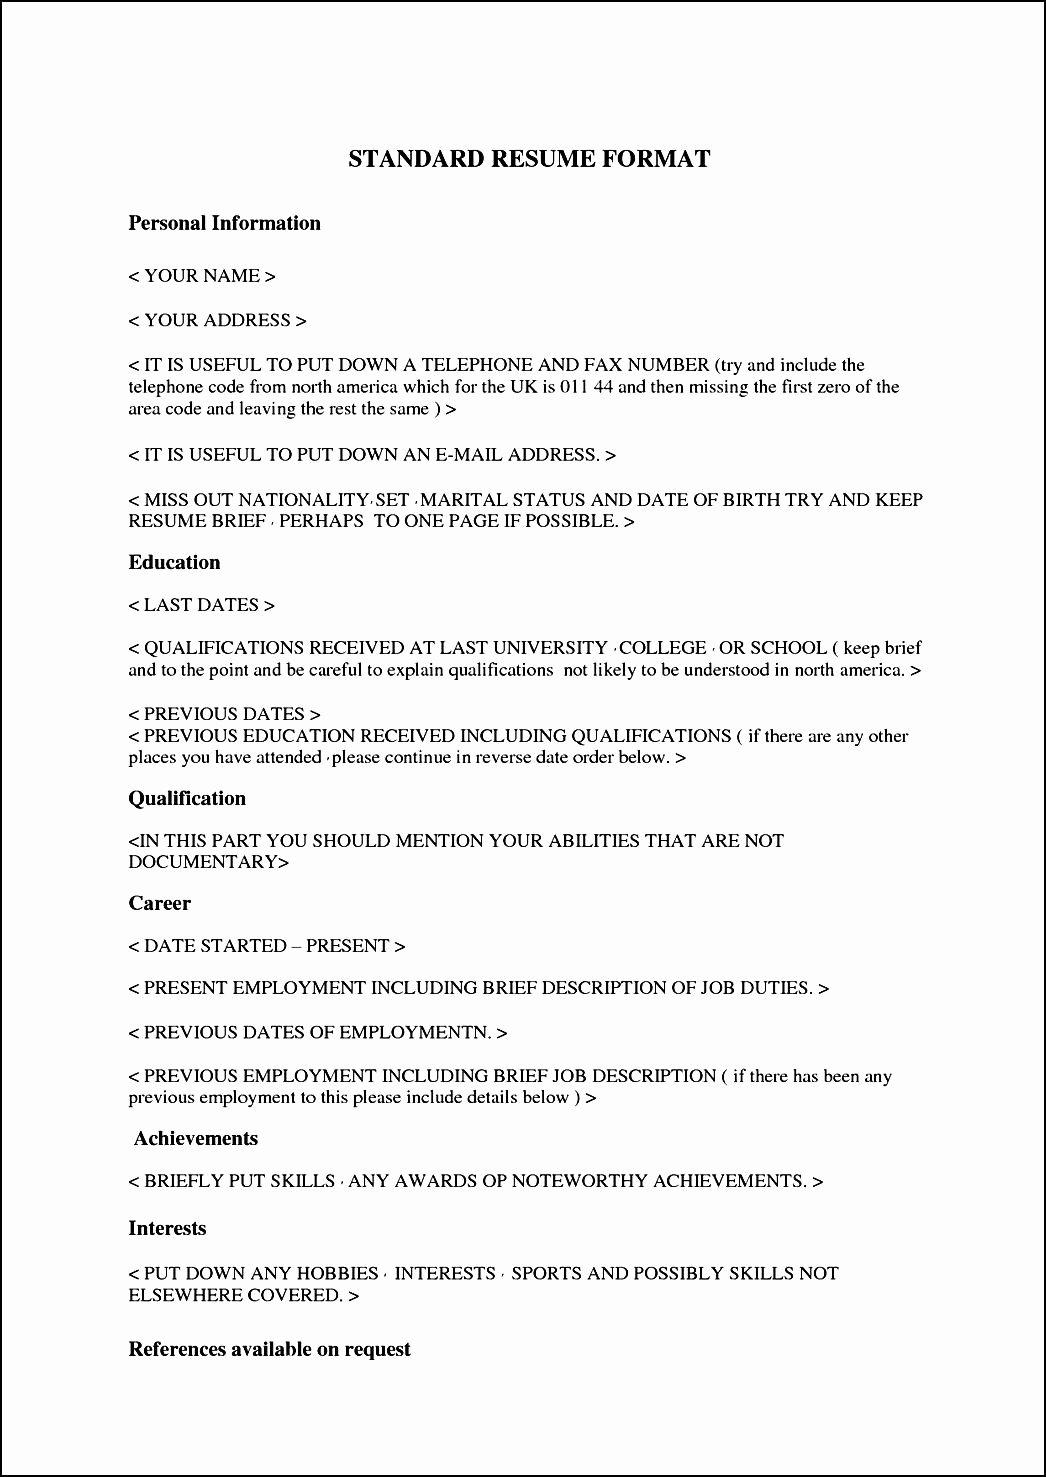 Format for Curriculum Vitae Luxury Standard Curriculum Vitae format